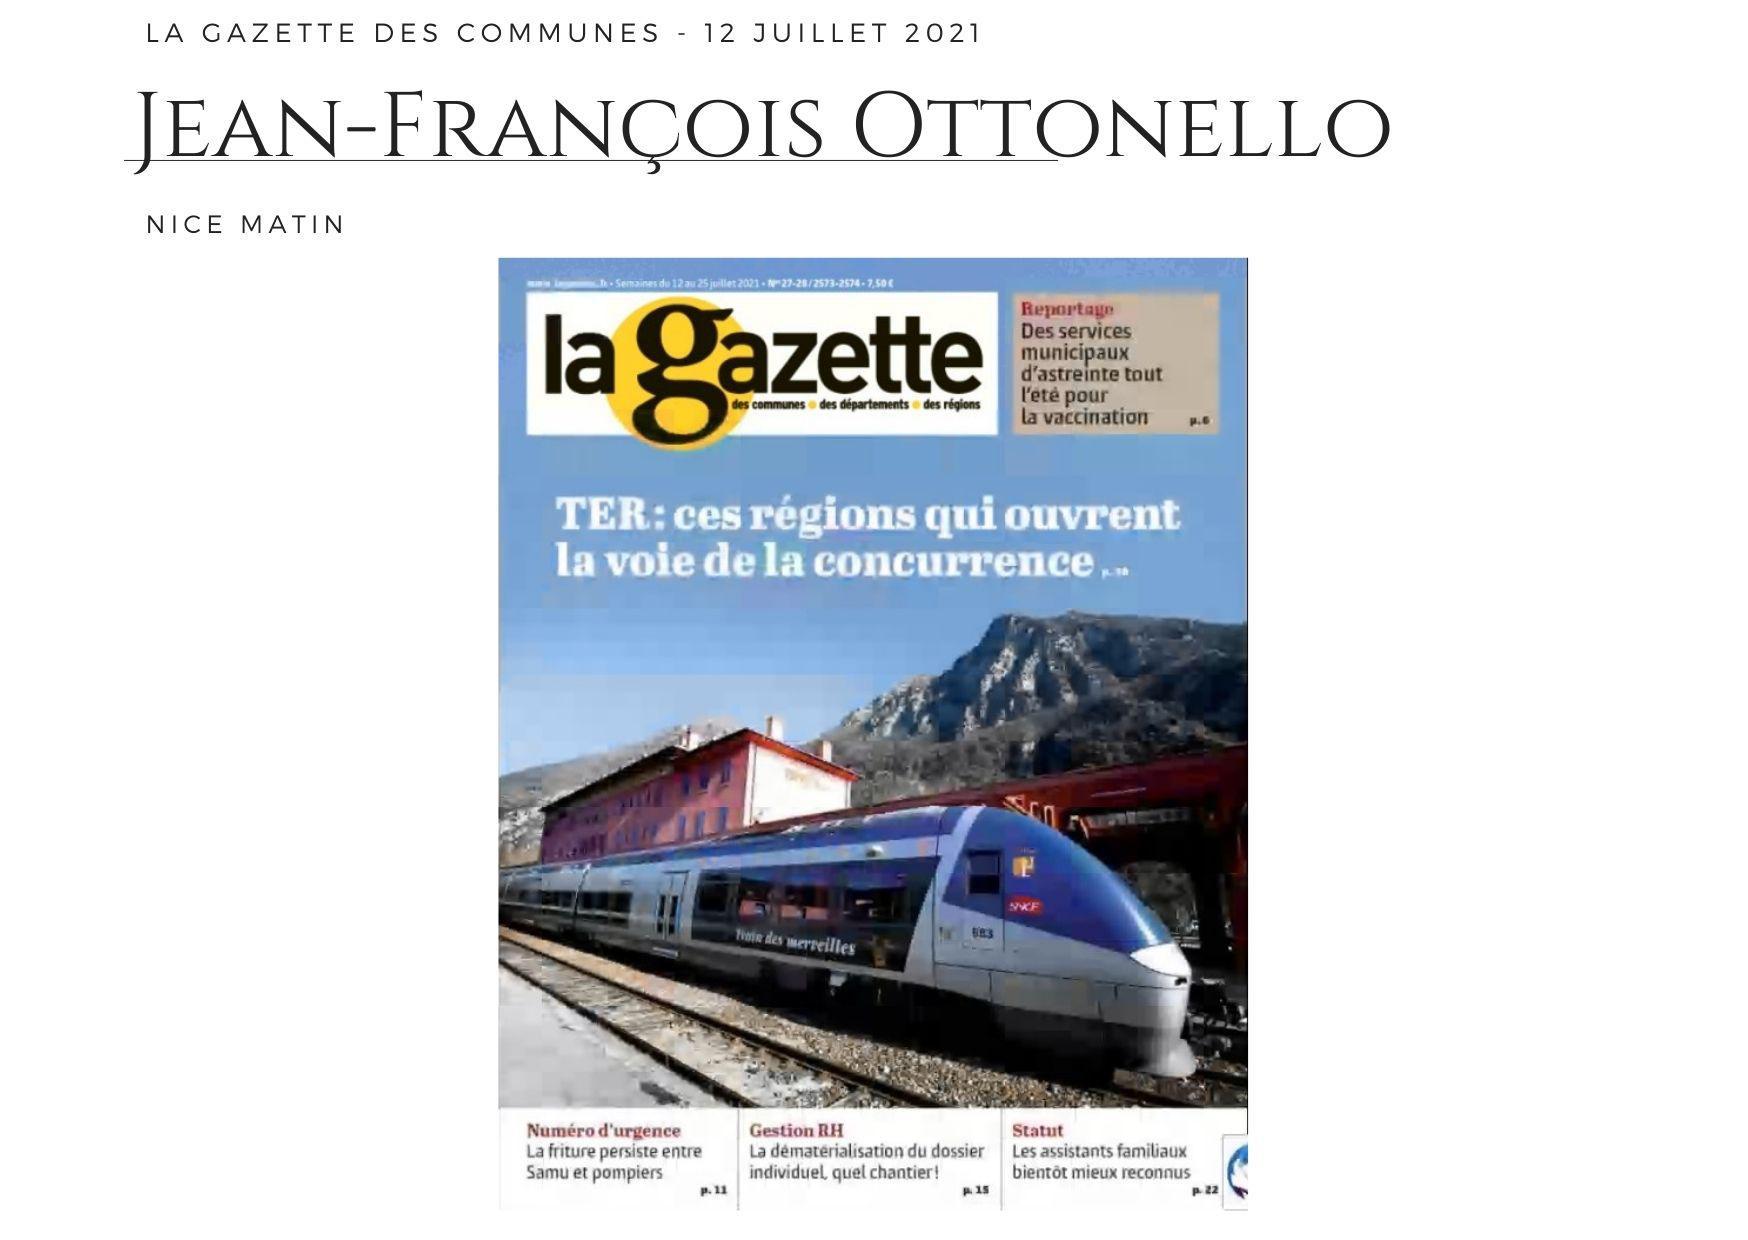 La Gazette des Communes - 12 juillet 2021